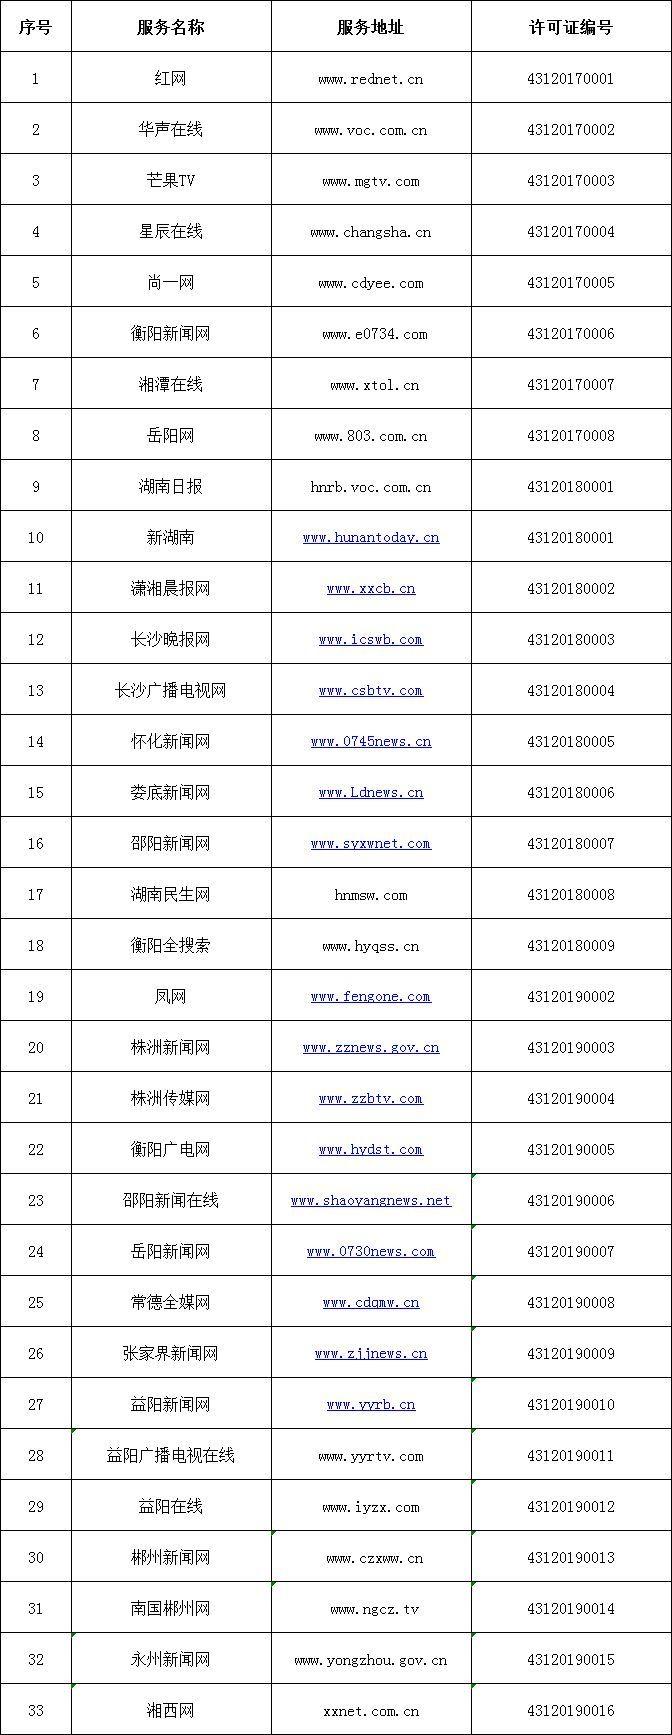 公告|湖南省互联网信息办公室公布大发湖南极速快三信息服务许可发证单位